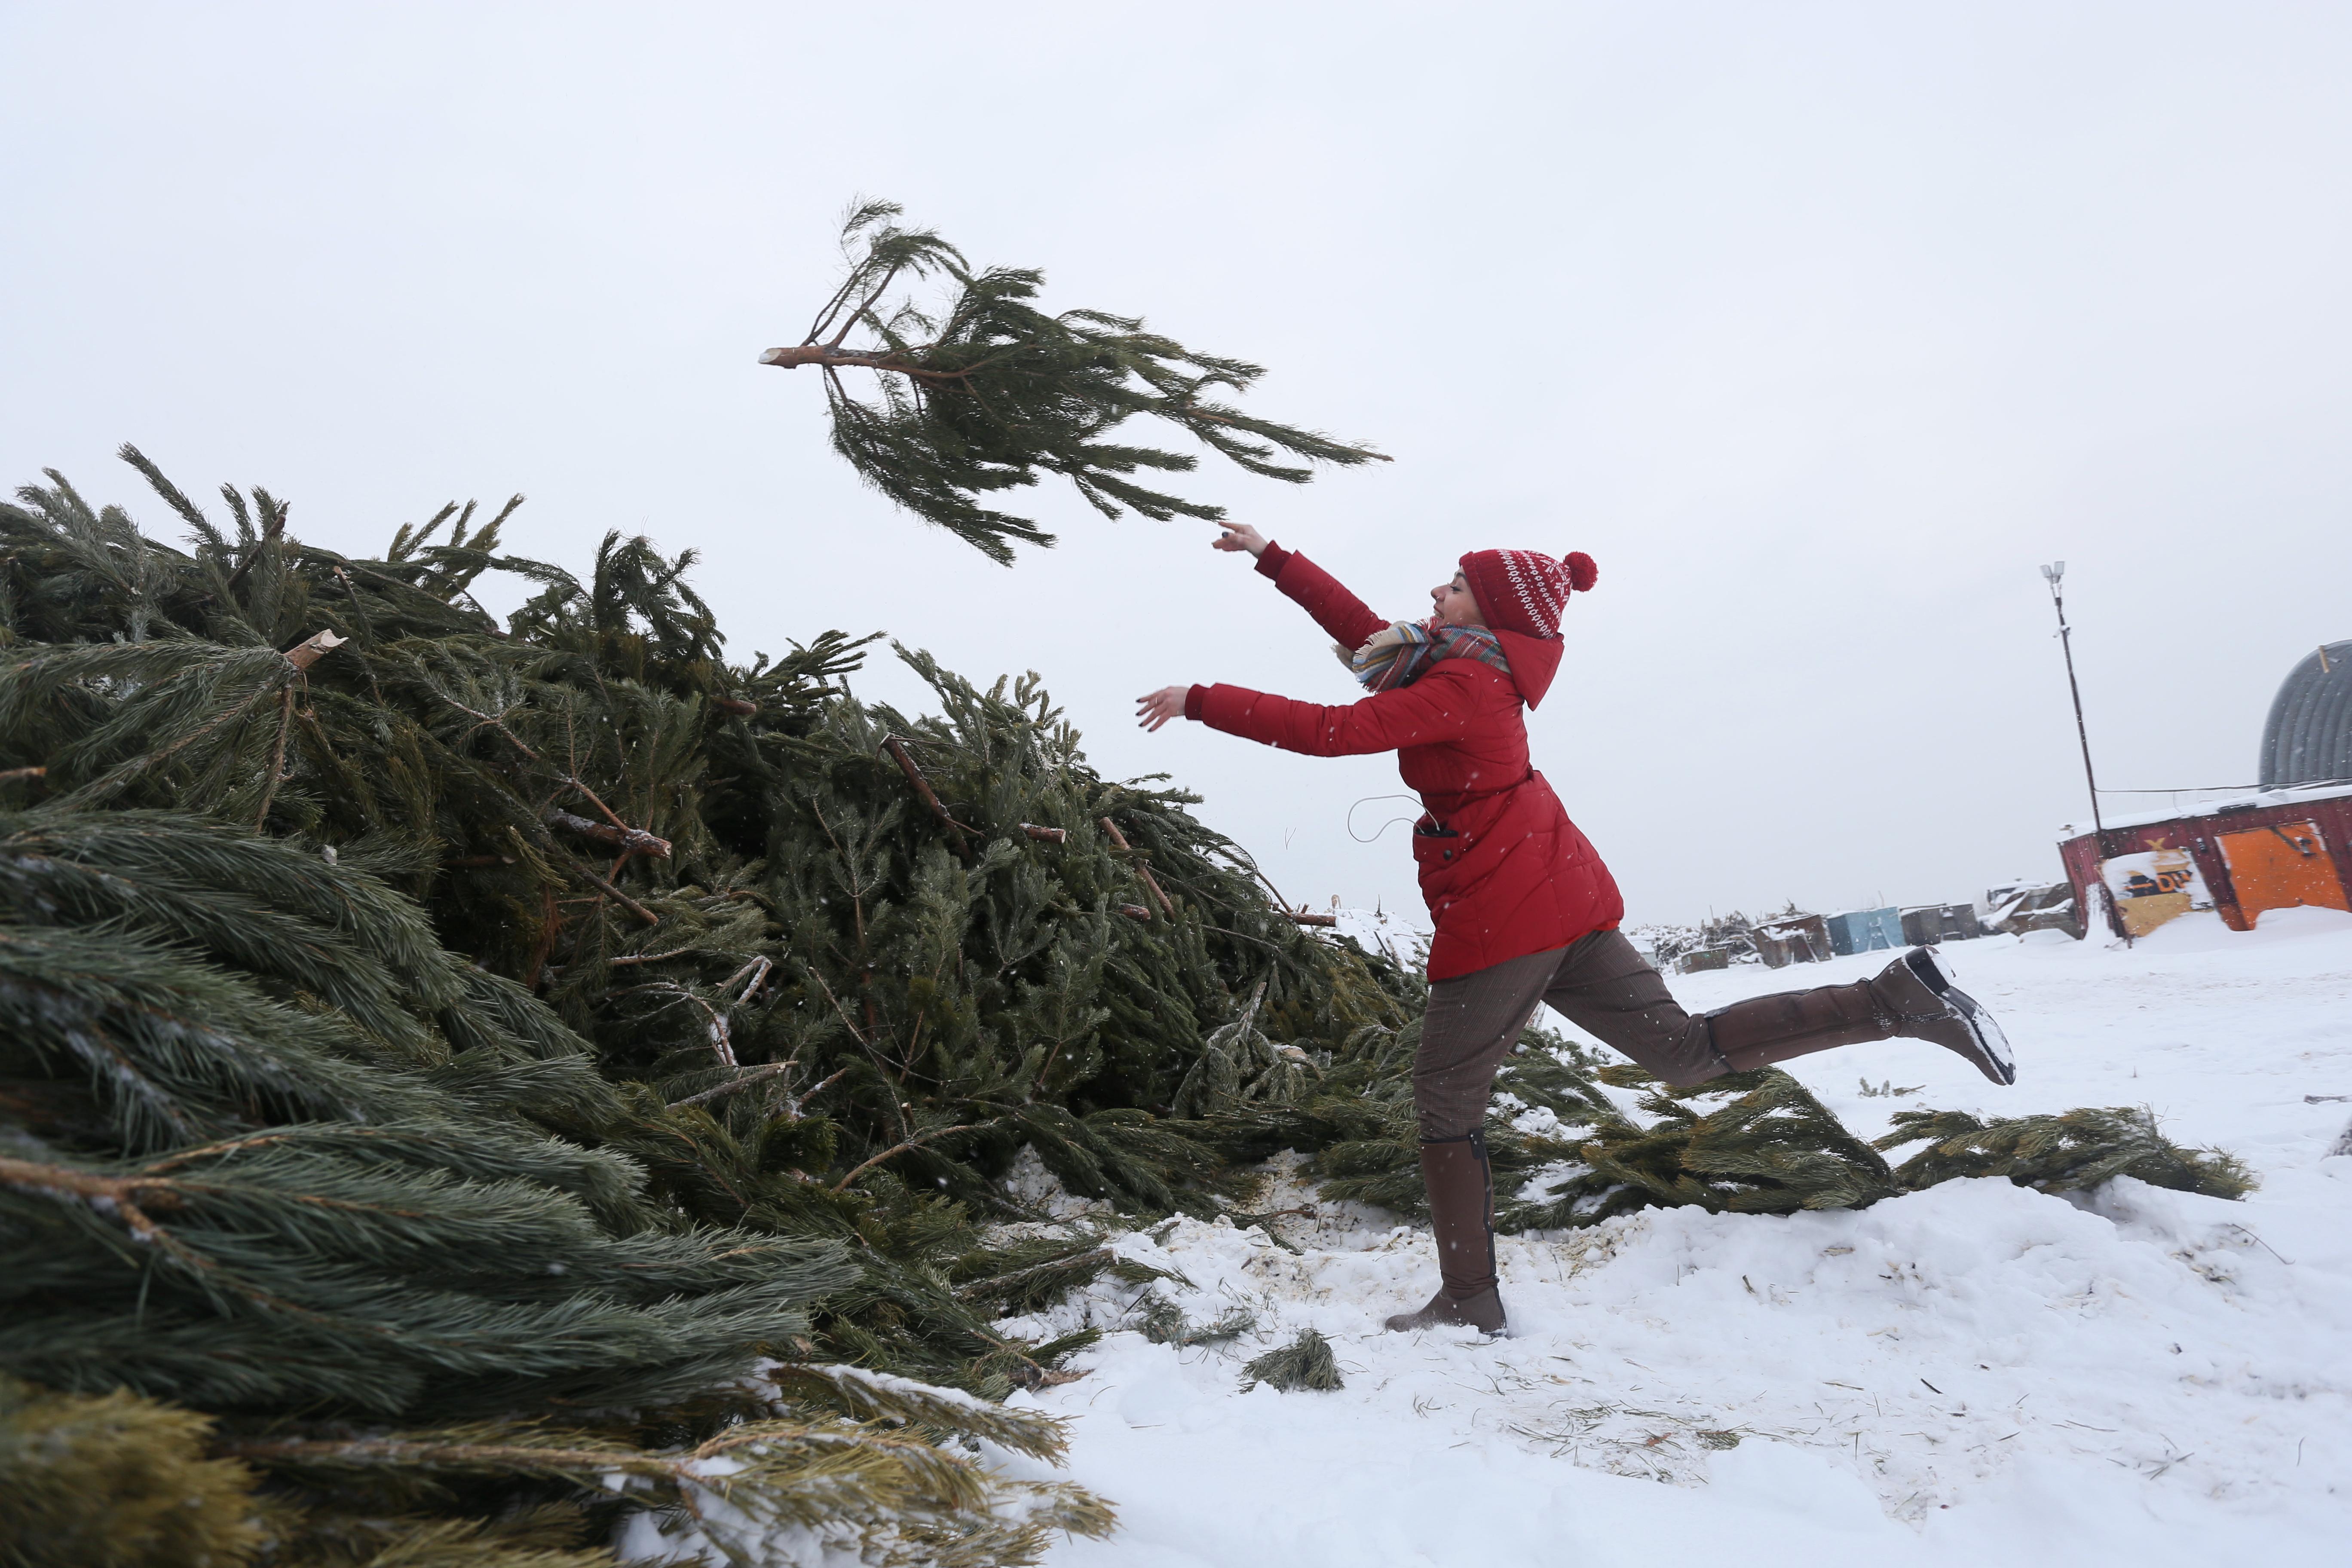 Москвичей пригласят в пункты сдачи елок после Нового года